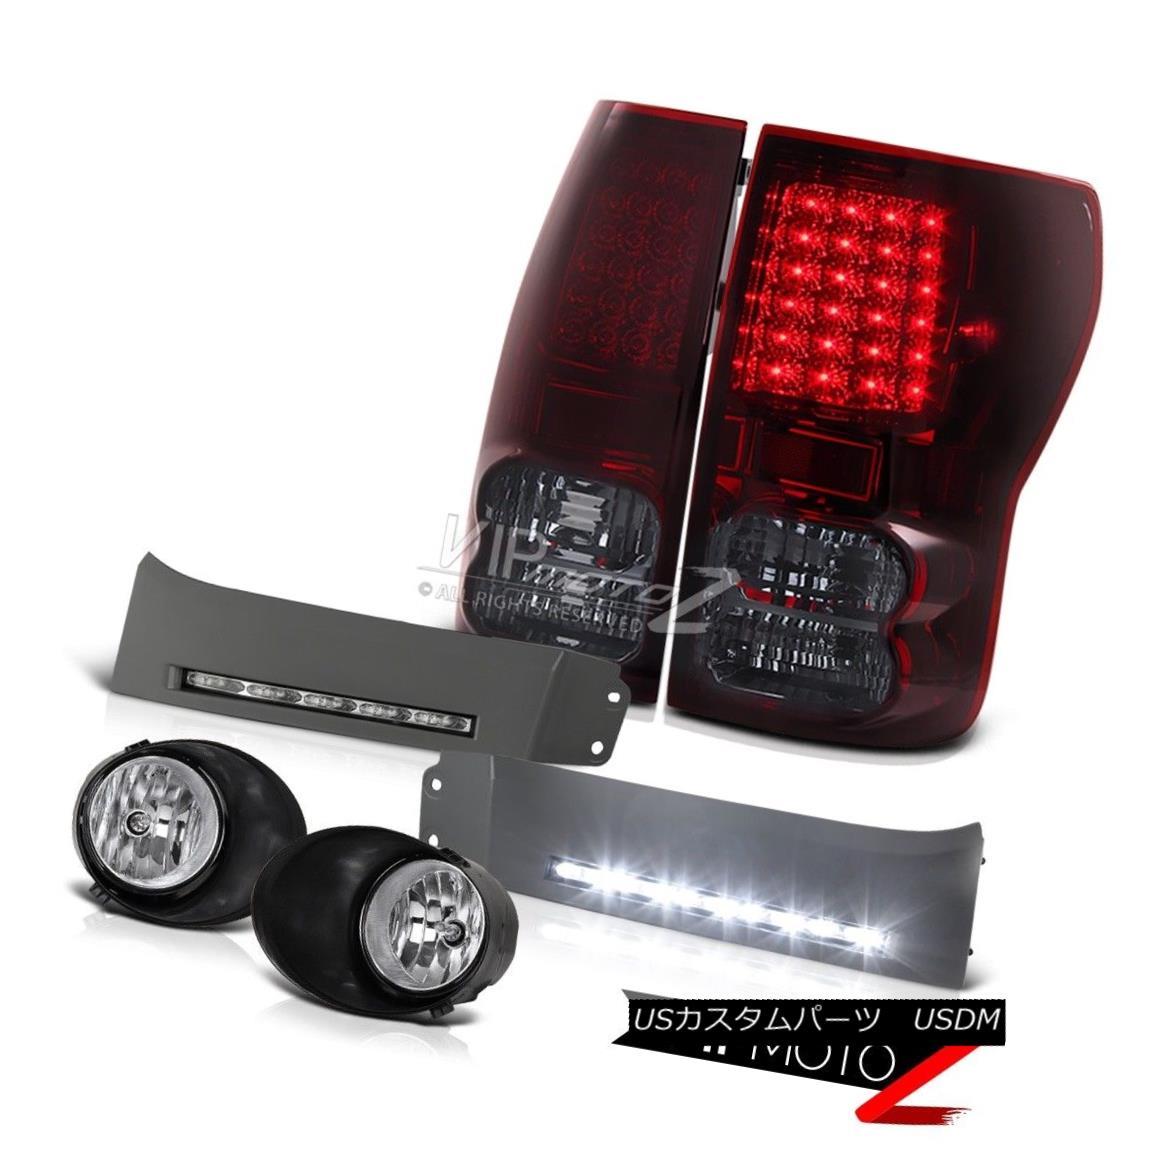 テールライト 2007-2013 Toyota Tundra LED Rear Tail Lights Front Driving Foglights Best Bumper 2007-2013 Toyota Tundra LEDリアテールライトフロントドライブフォーグライトBest Bumper